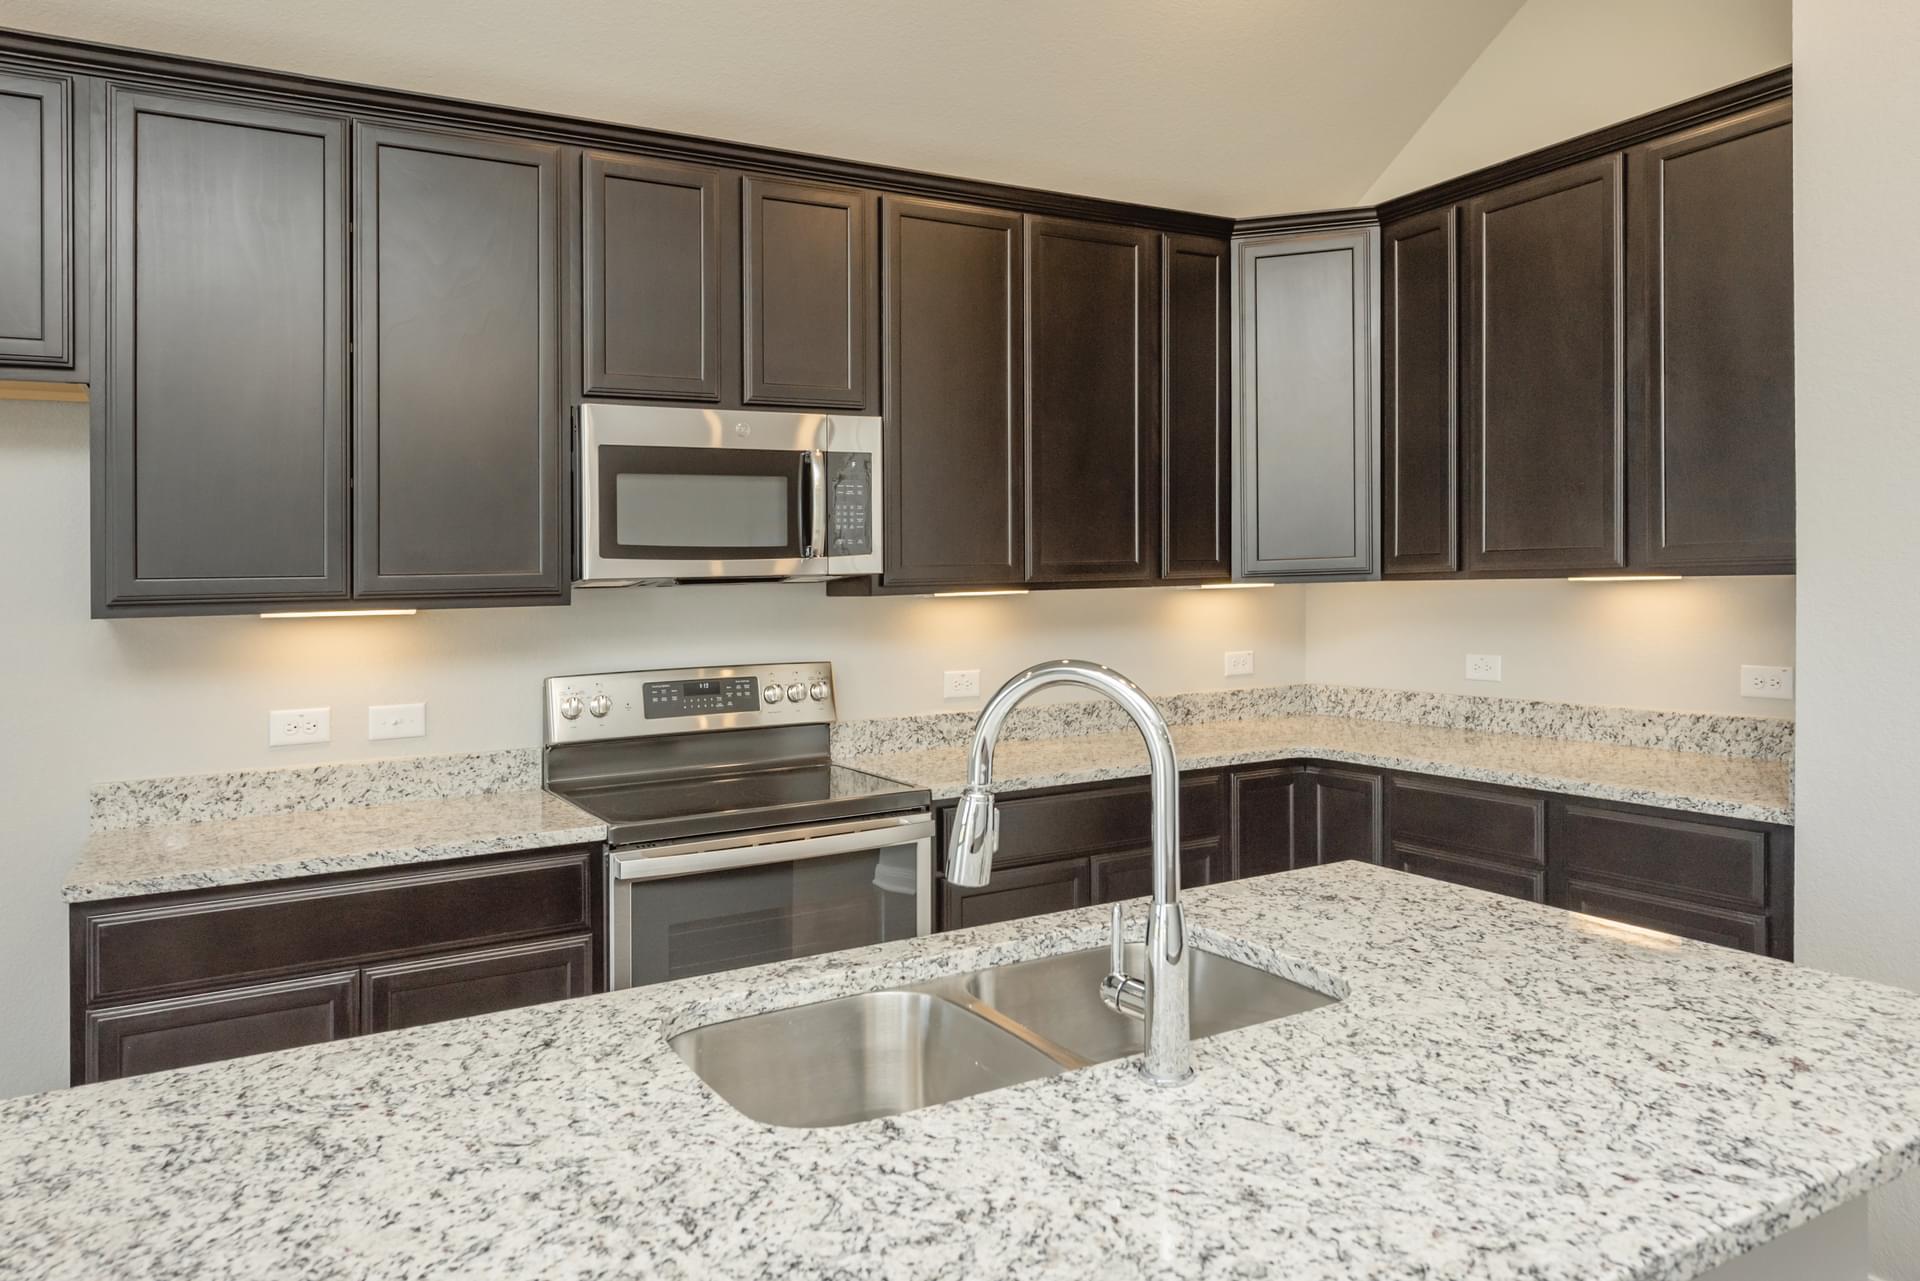 2,502sf New Home in Waco, TX